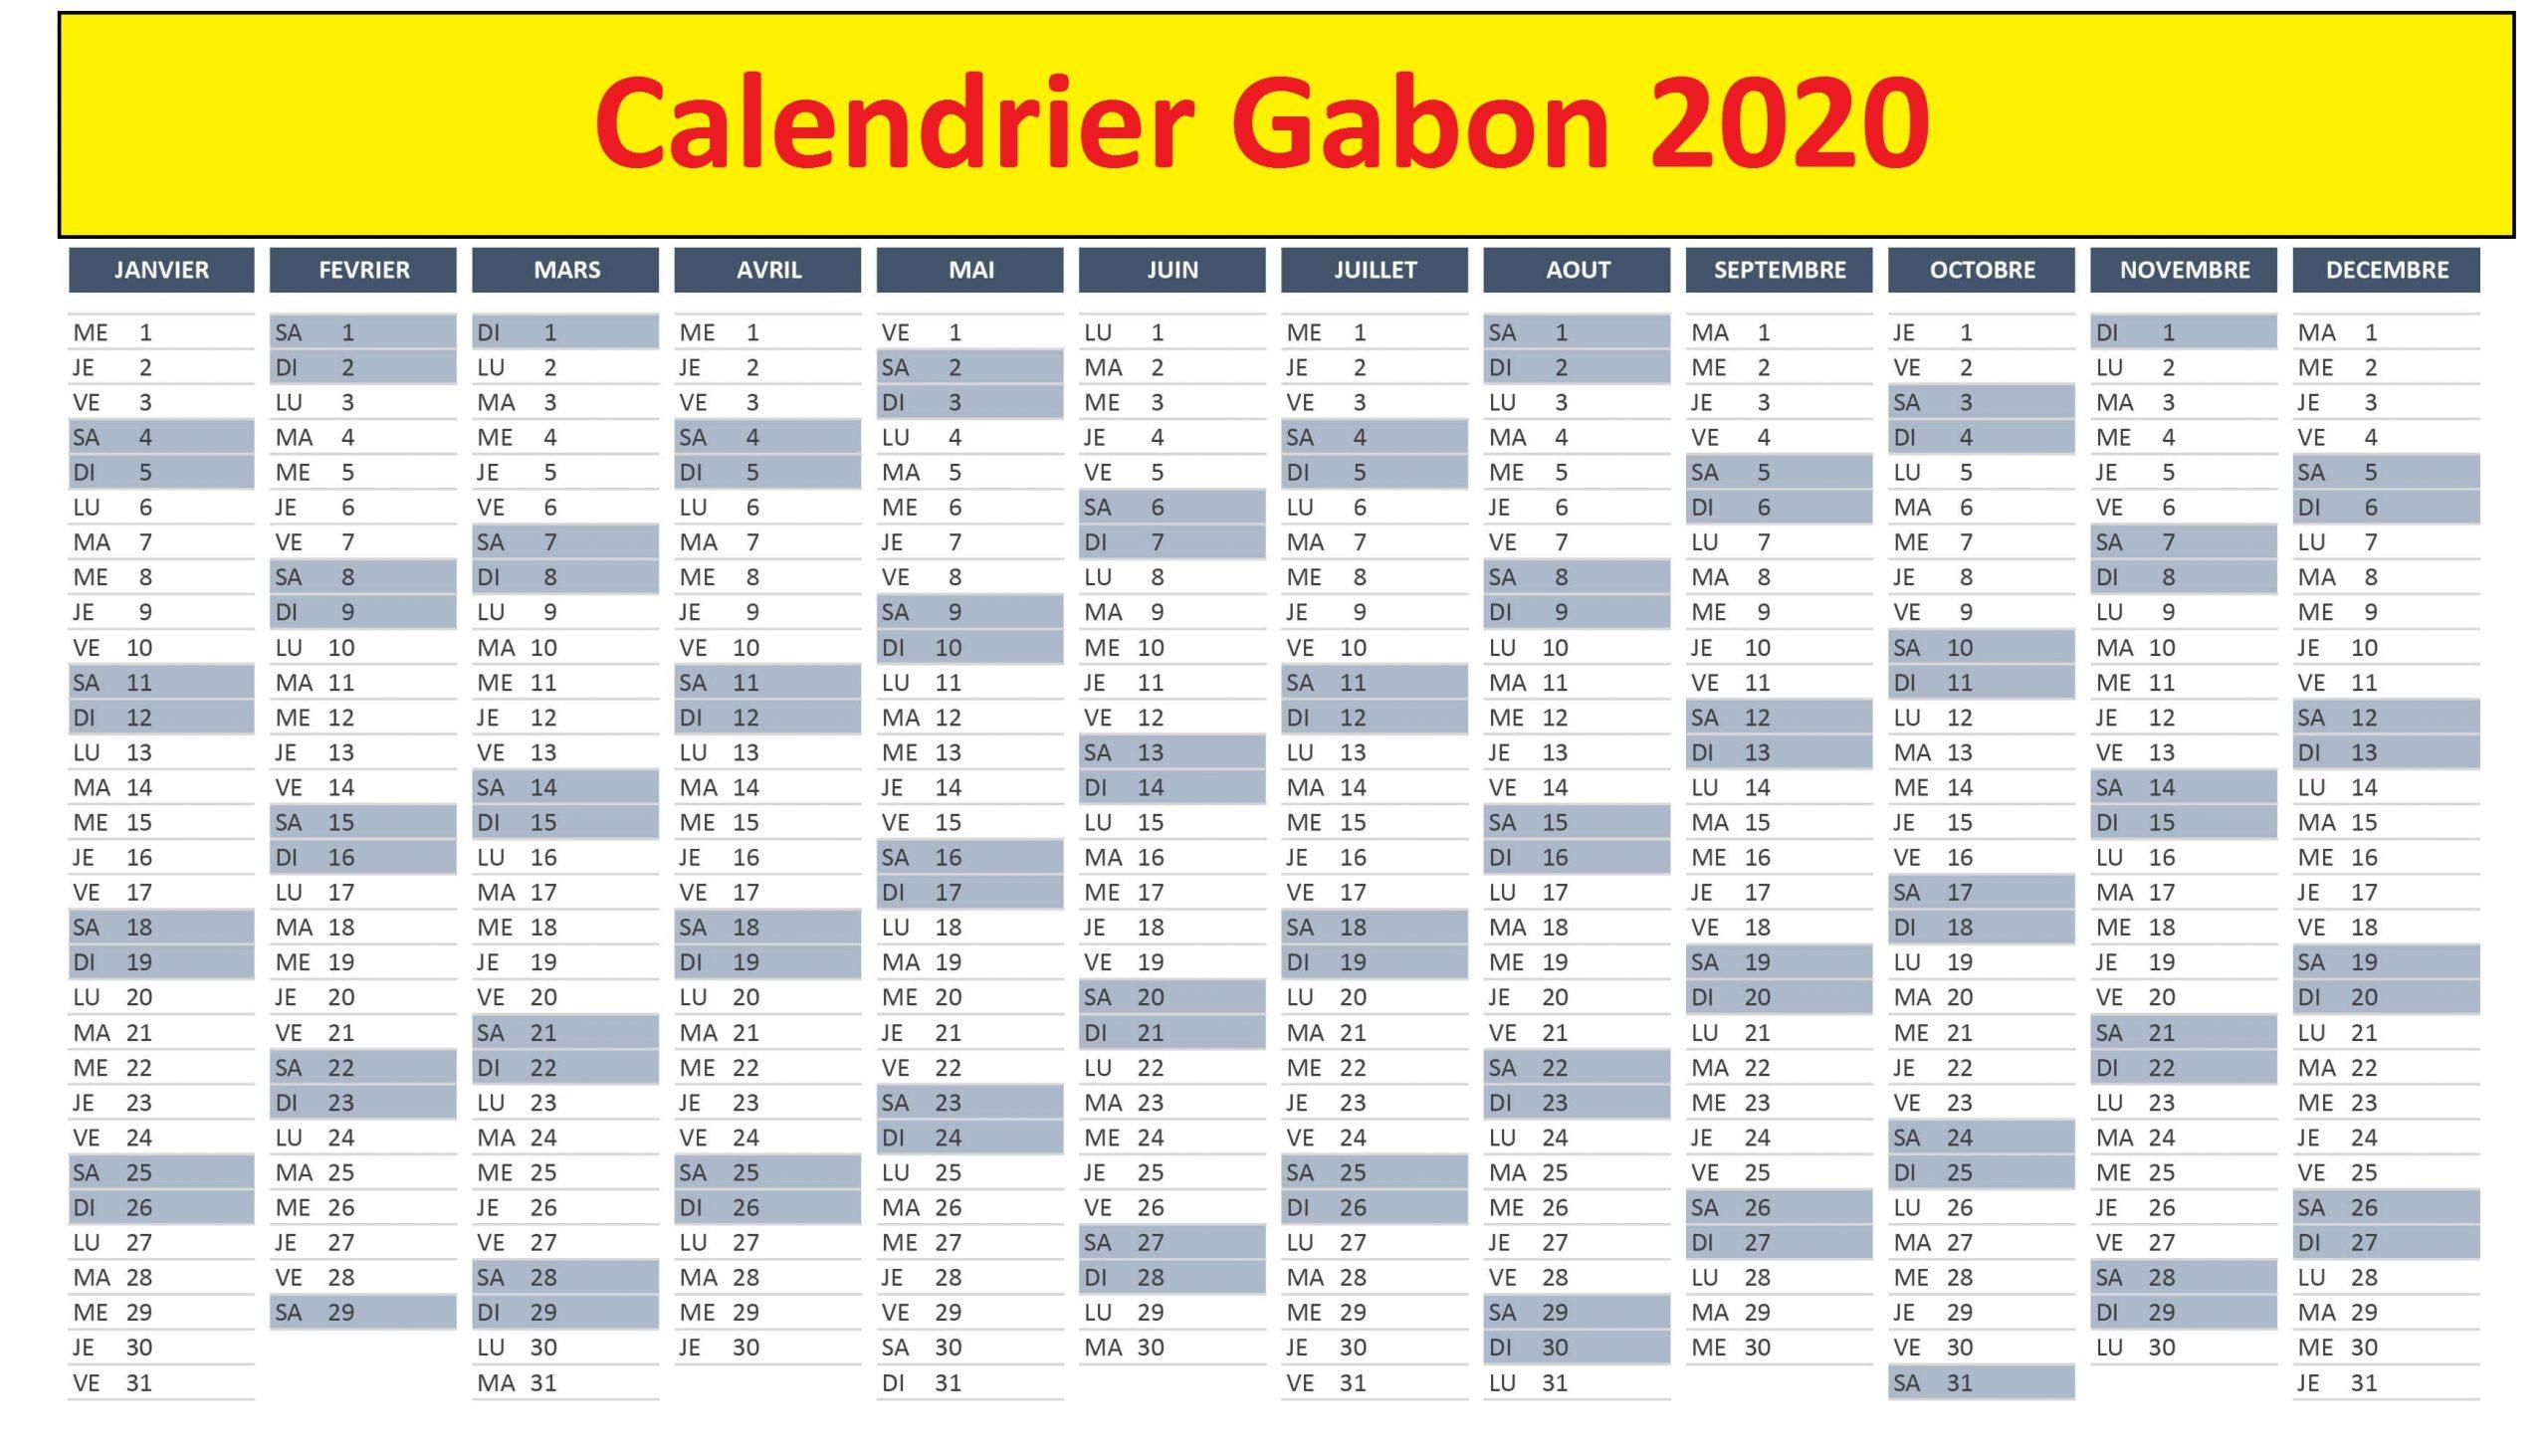 Calendrier Pedagogique Gabon 2020